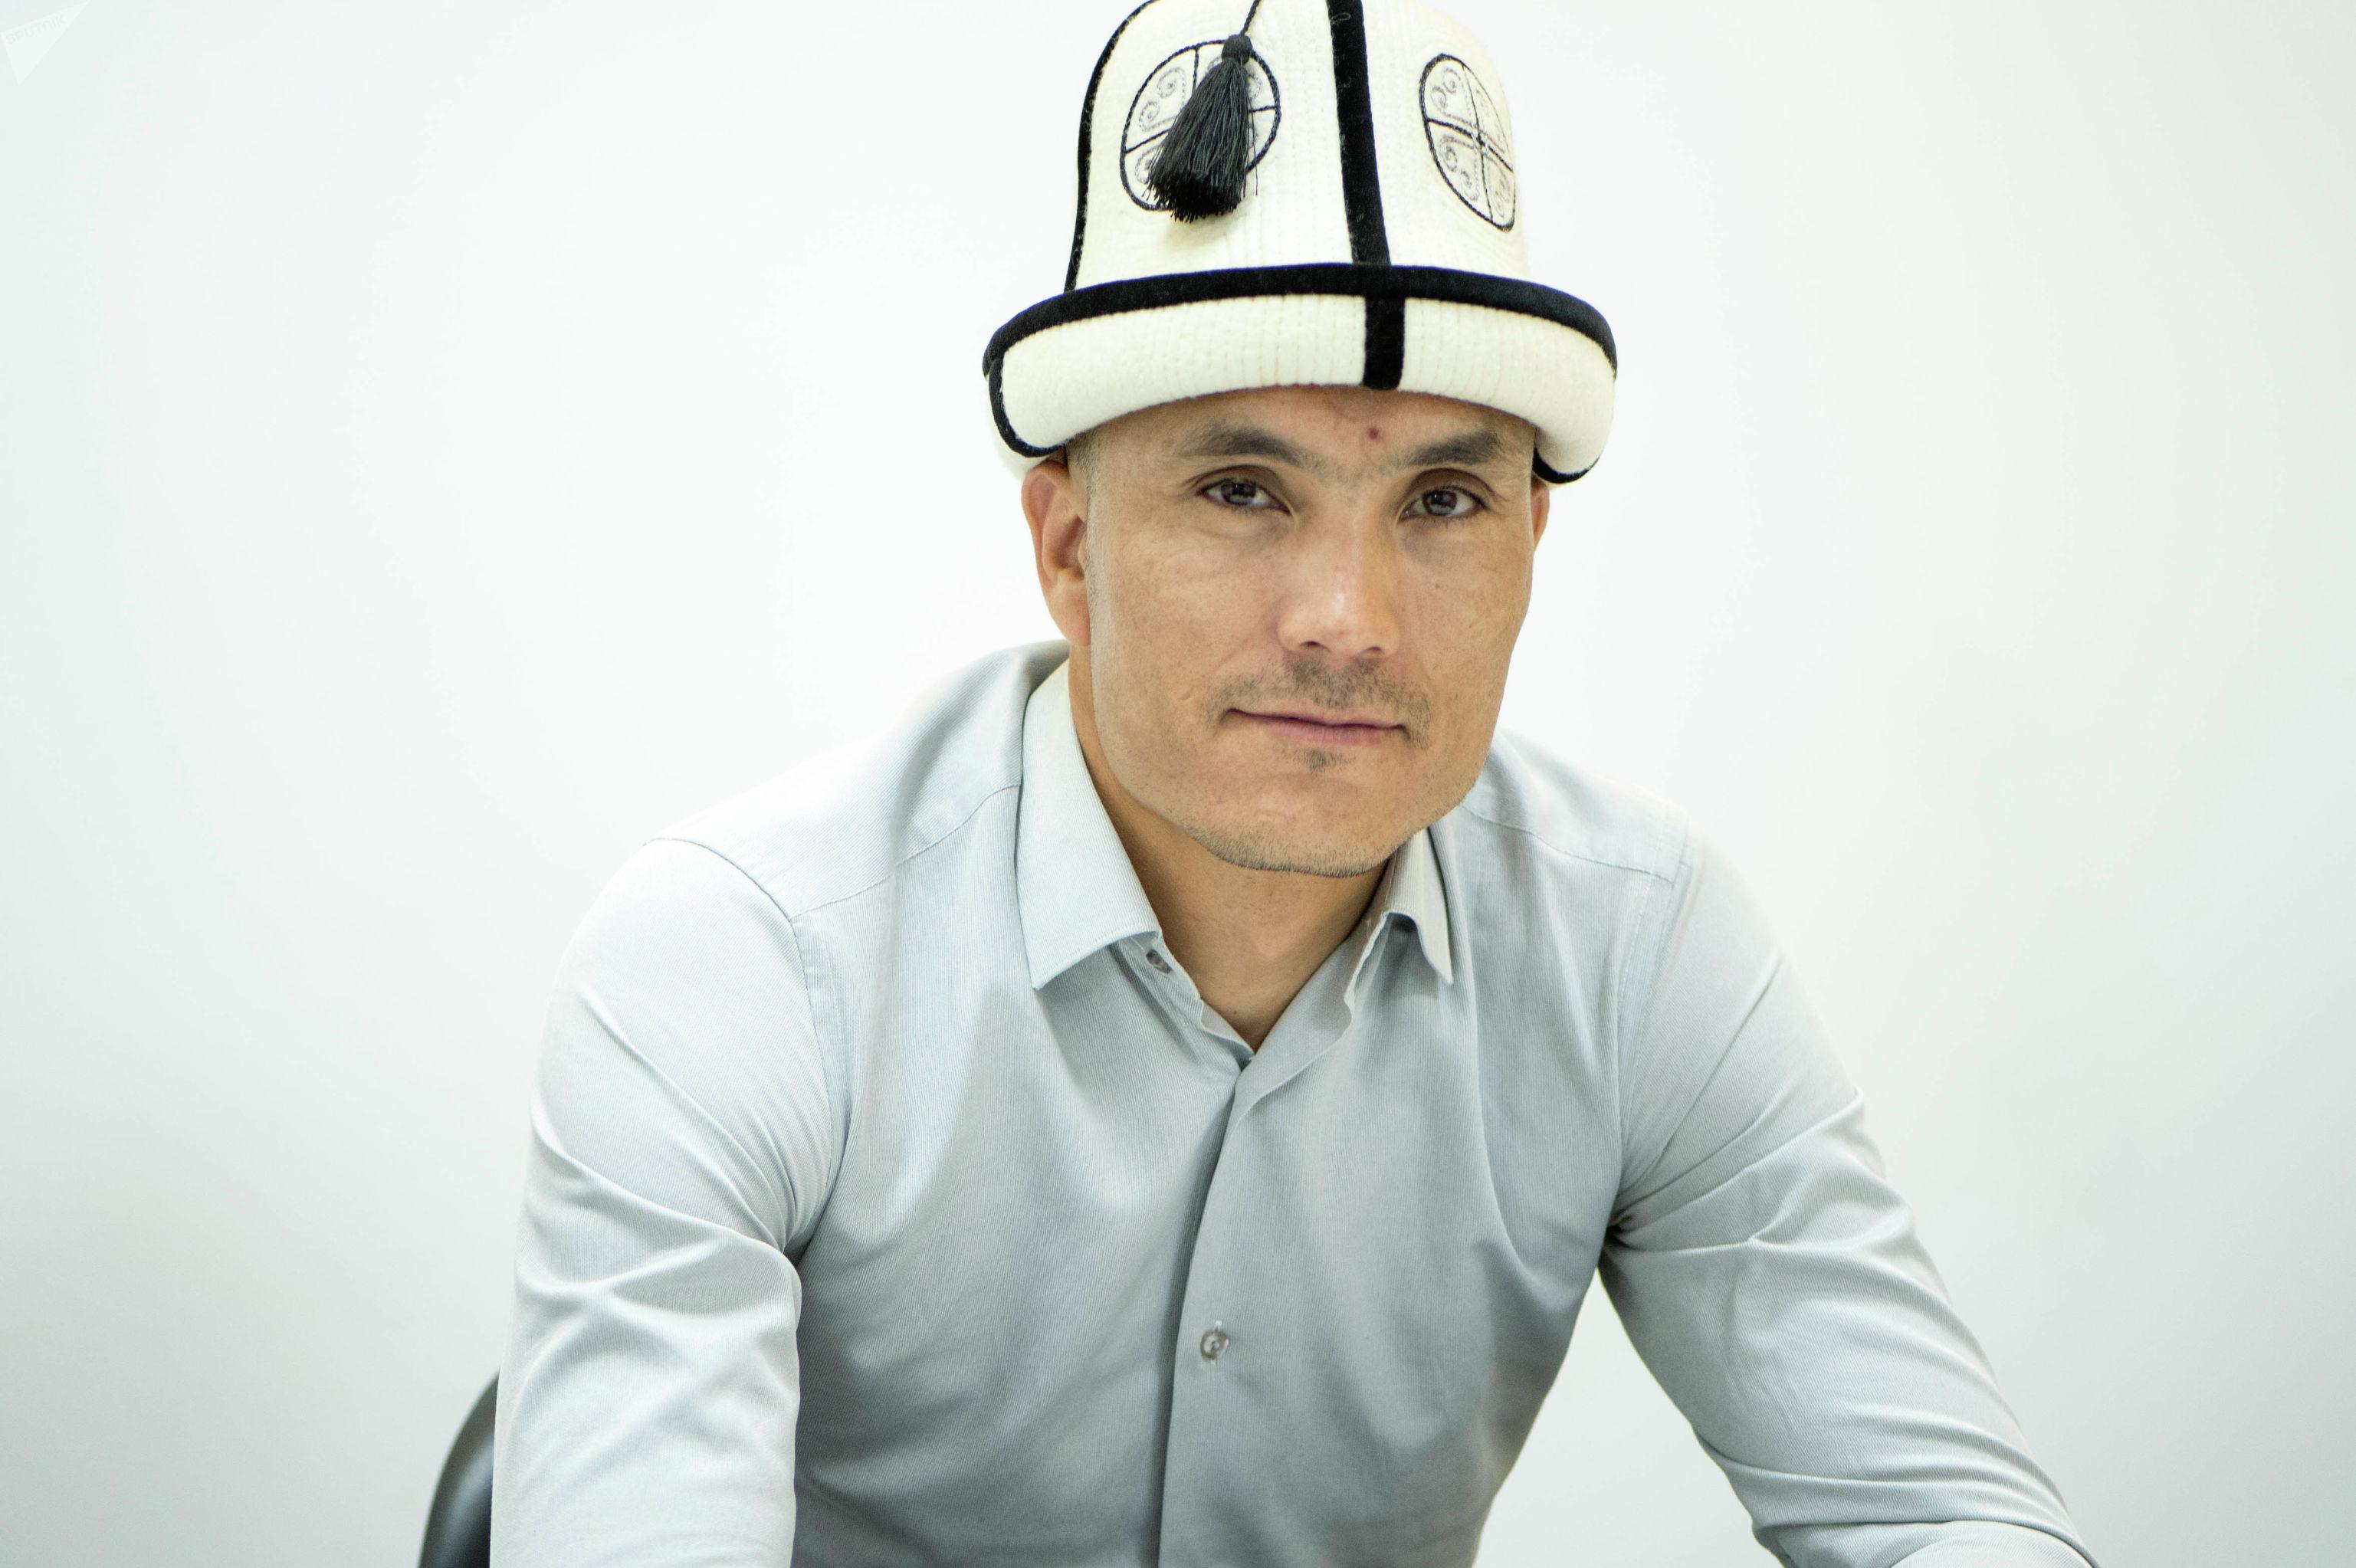 Куратор конно-спортивных игр Всемирной конфедерации этноигр Нурмухаммед Эшматов